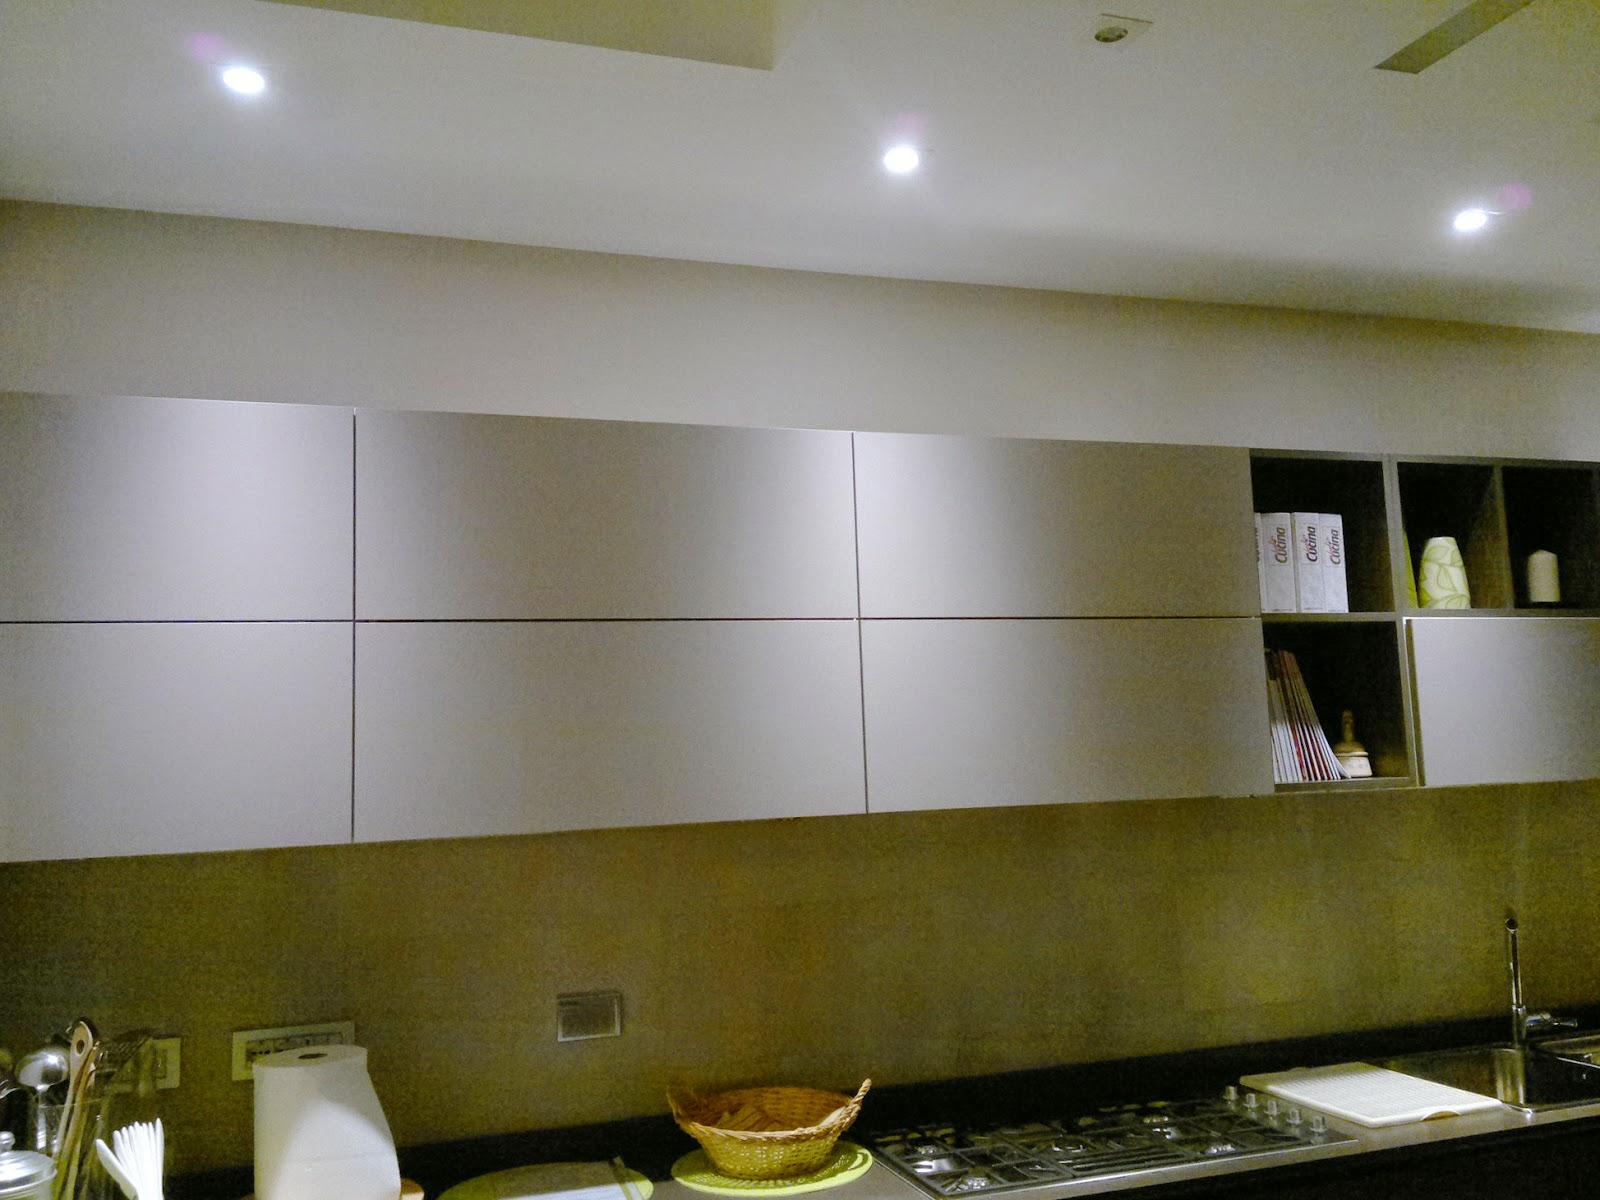 Illuminazione led casa ristrutturando un appartamento - Meglio luce calda o fredda in cucina ...